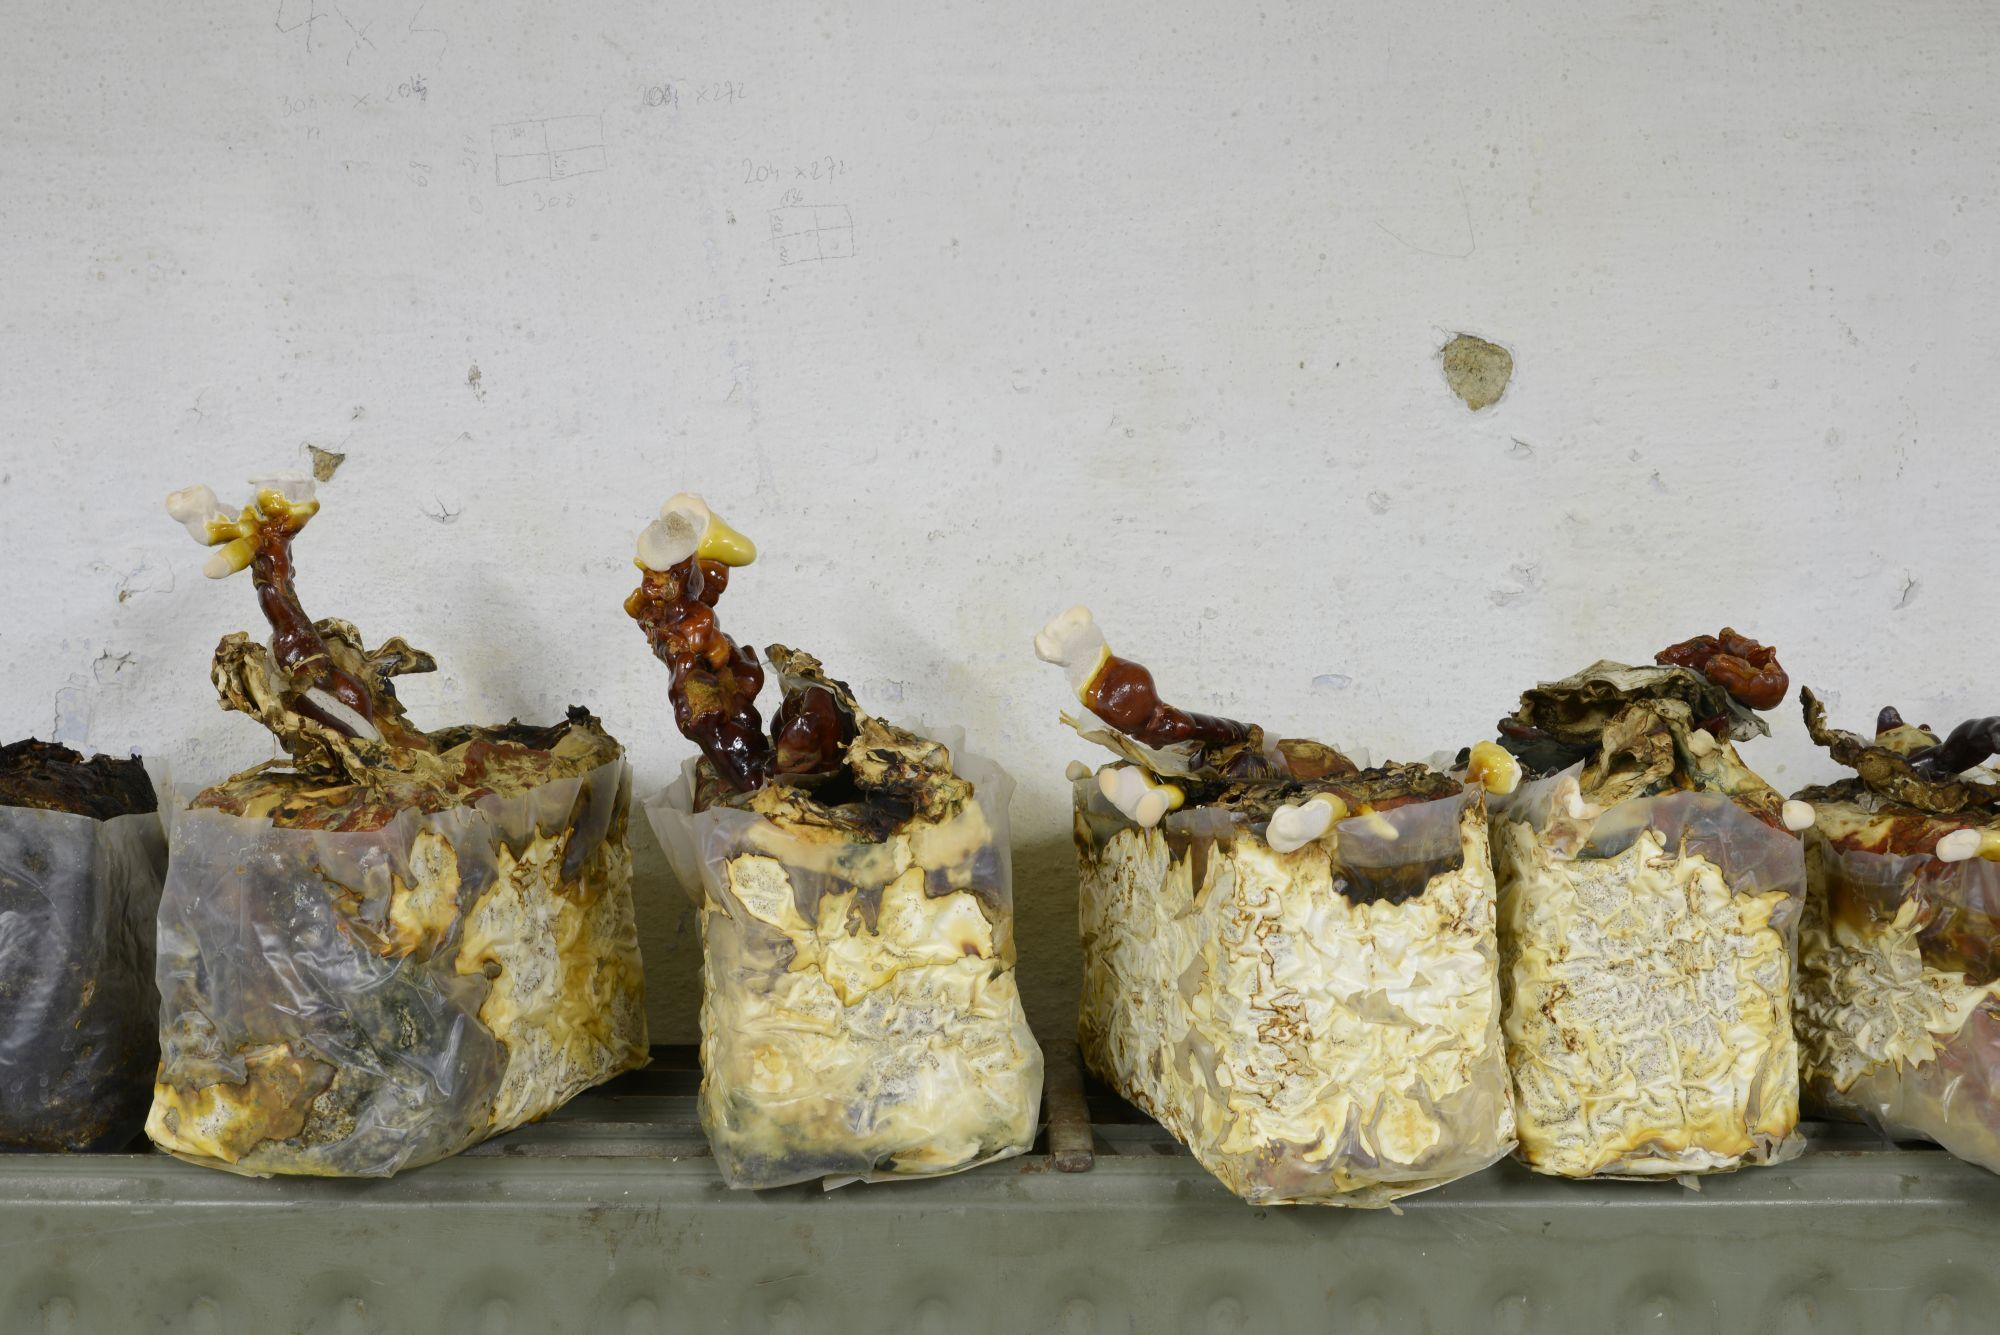 """""""Ogrody"""", Iza Tarasewicz, """"Grzyby reishi"""", instalacja, fot. dzięki uprzejmości artystki (źródło: materiały prasowe)"""